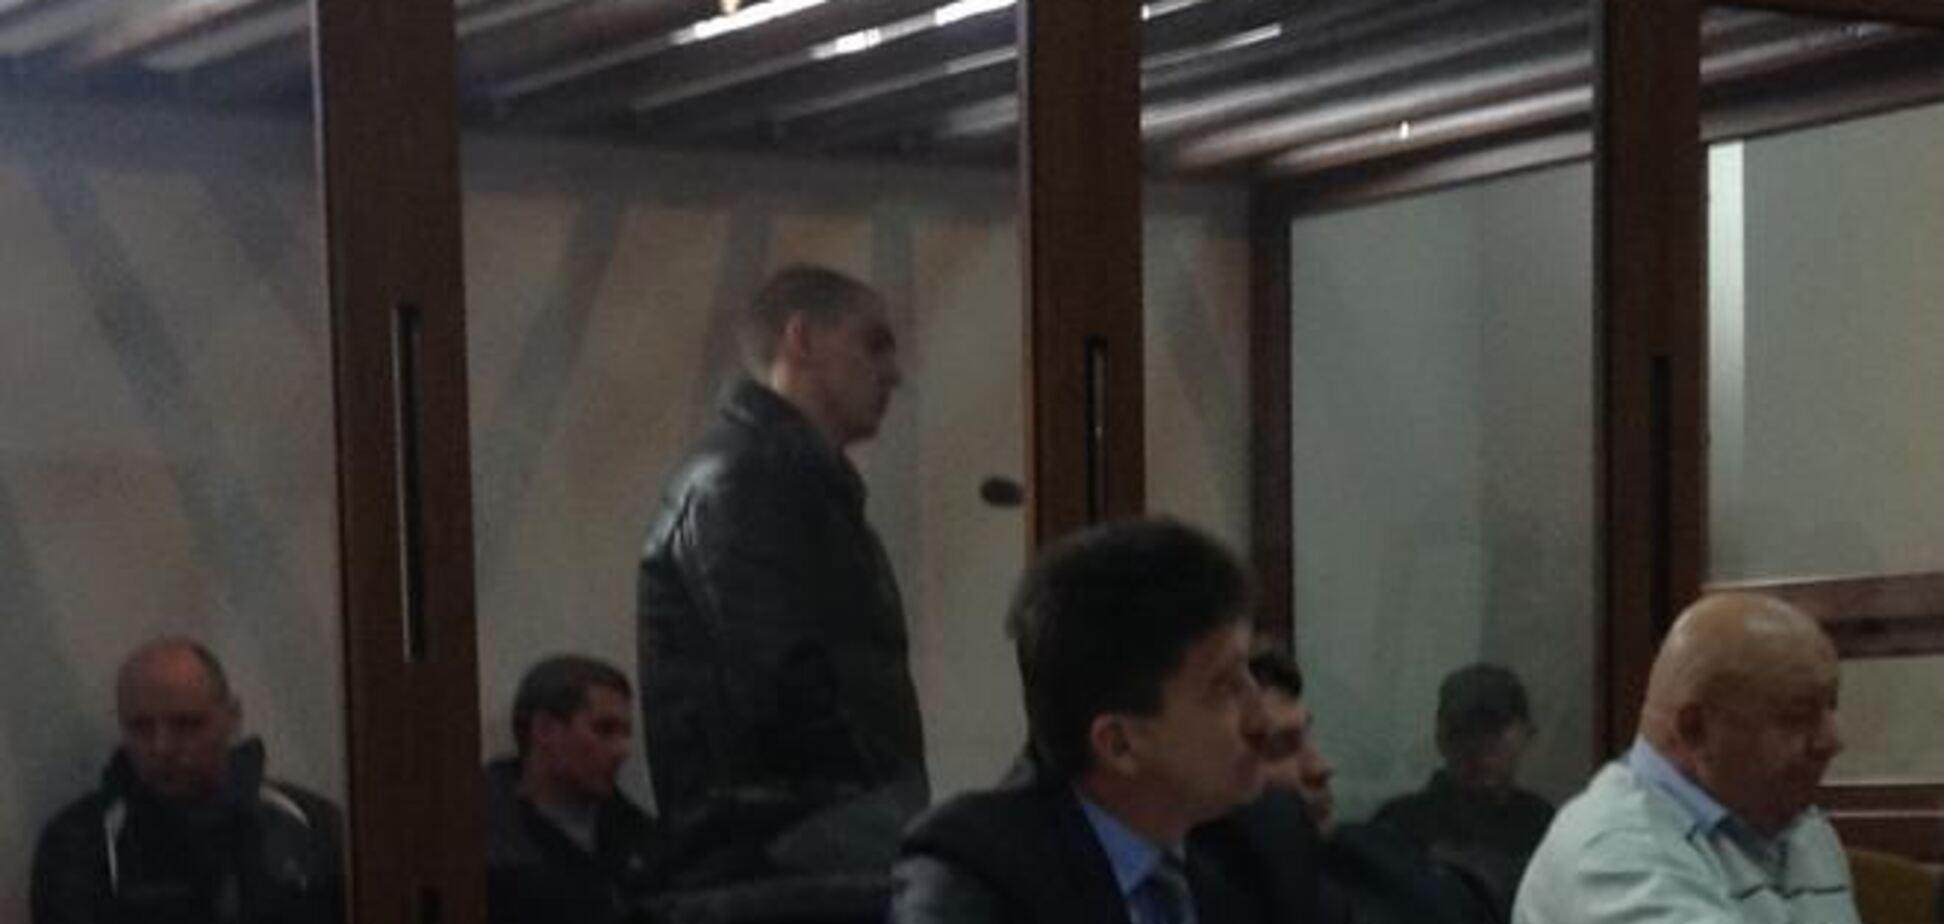 Друзья насильников из Врадиевки пригрозили таксисту расправой за 'подставу пацанов'